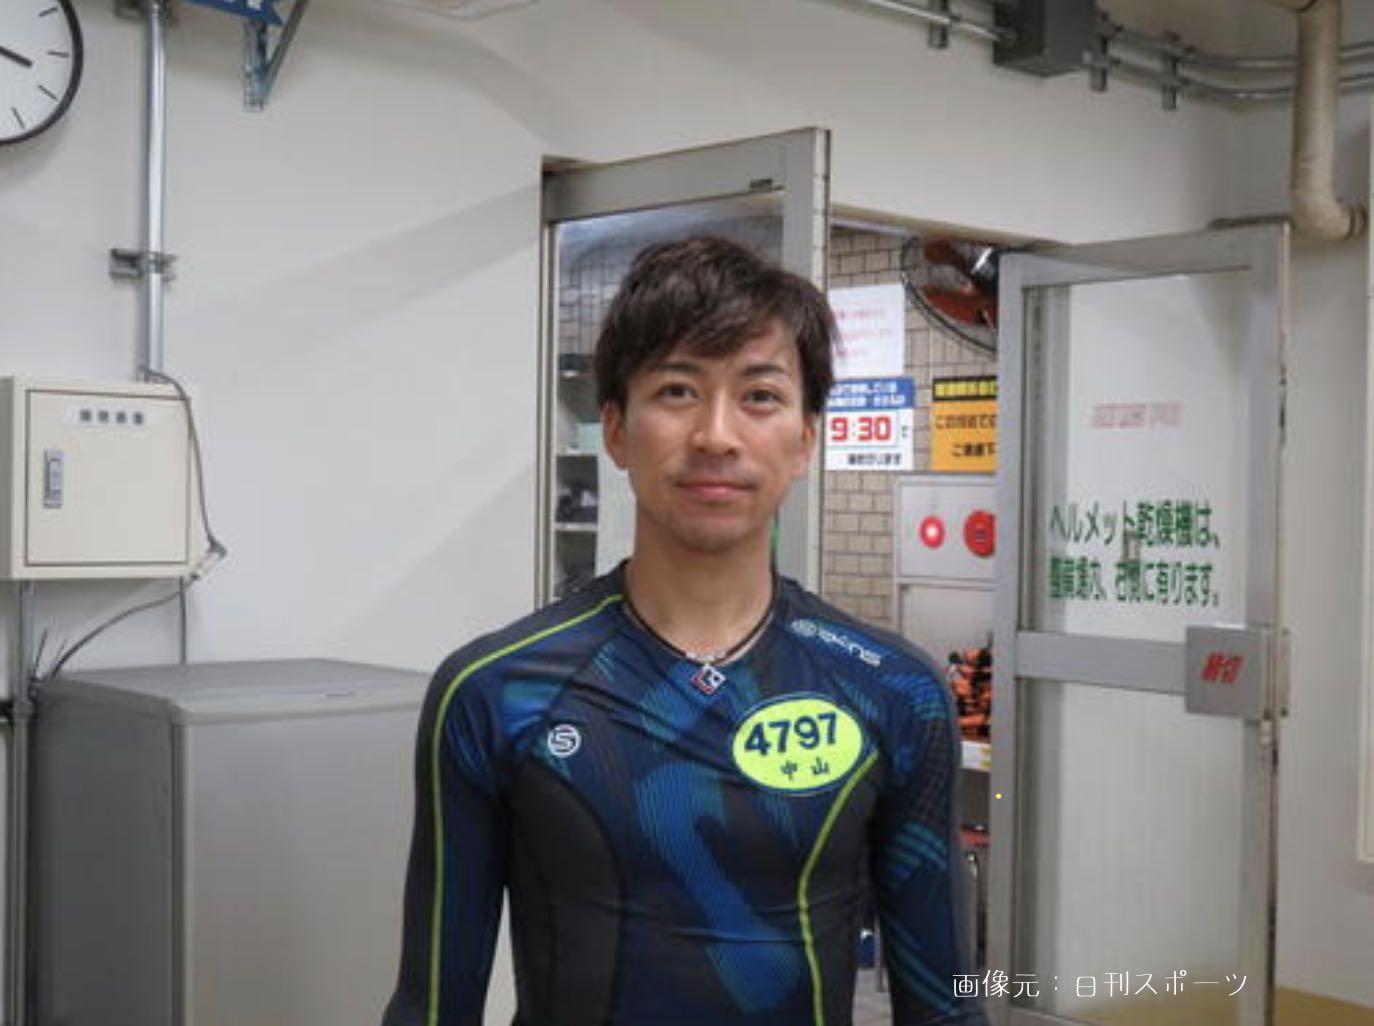 中山将競艇選手の画像